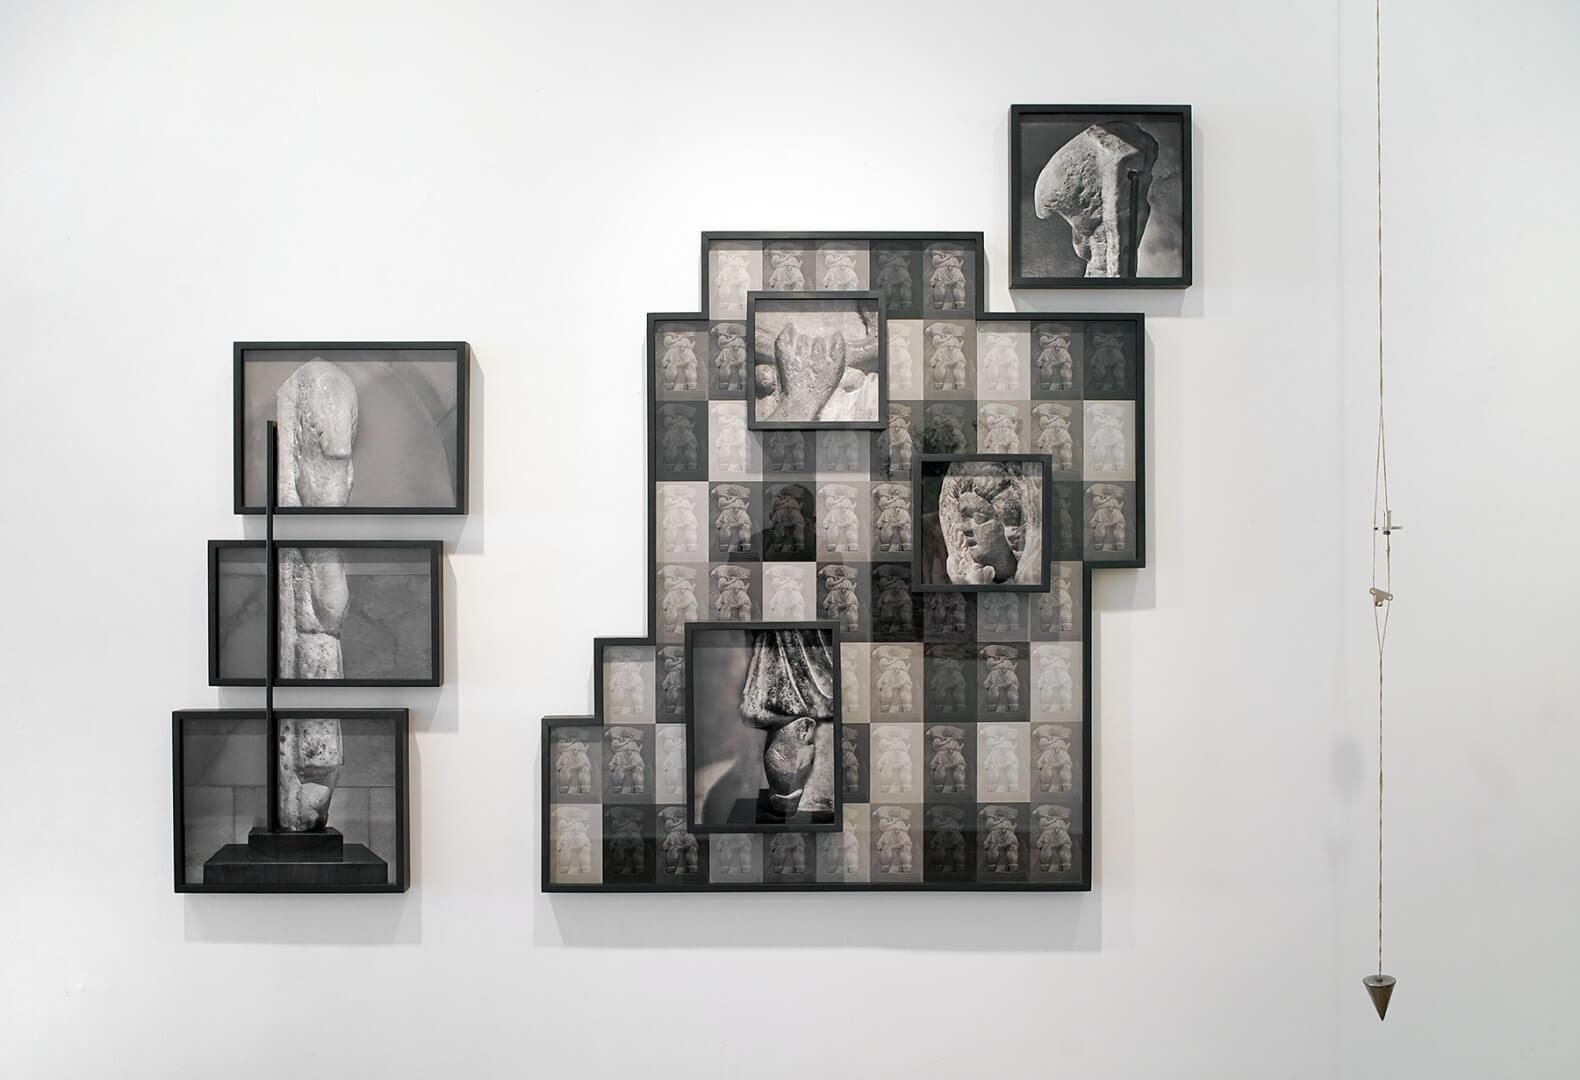 אורית ישי, הבשורה, 2018, מיצב צילומי, צילום שלמה סרי, Orit Ishay, The Annunciatuon, 2018, photographic installation